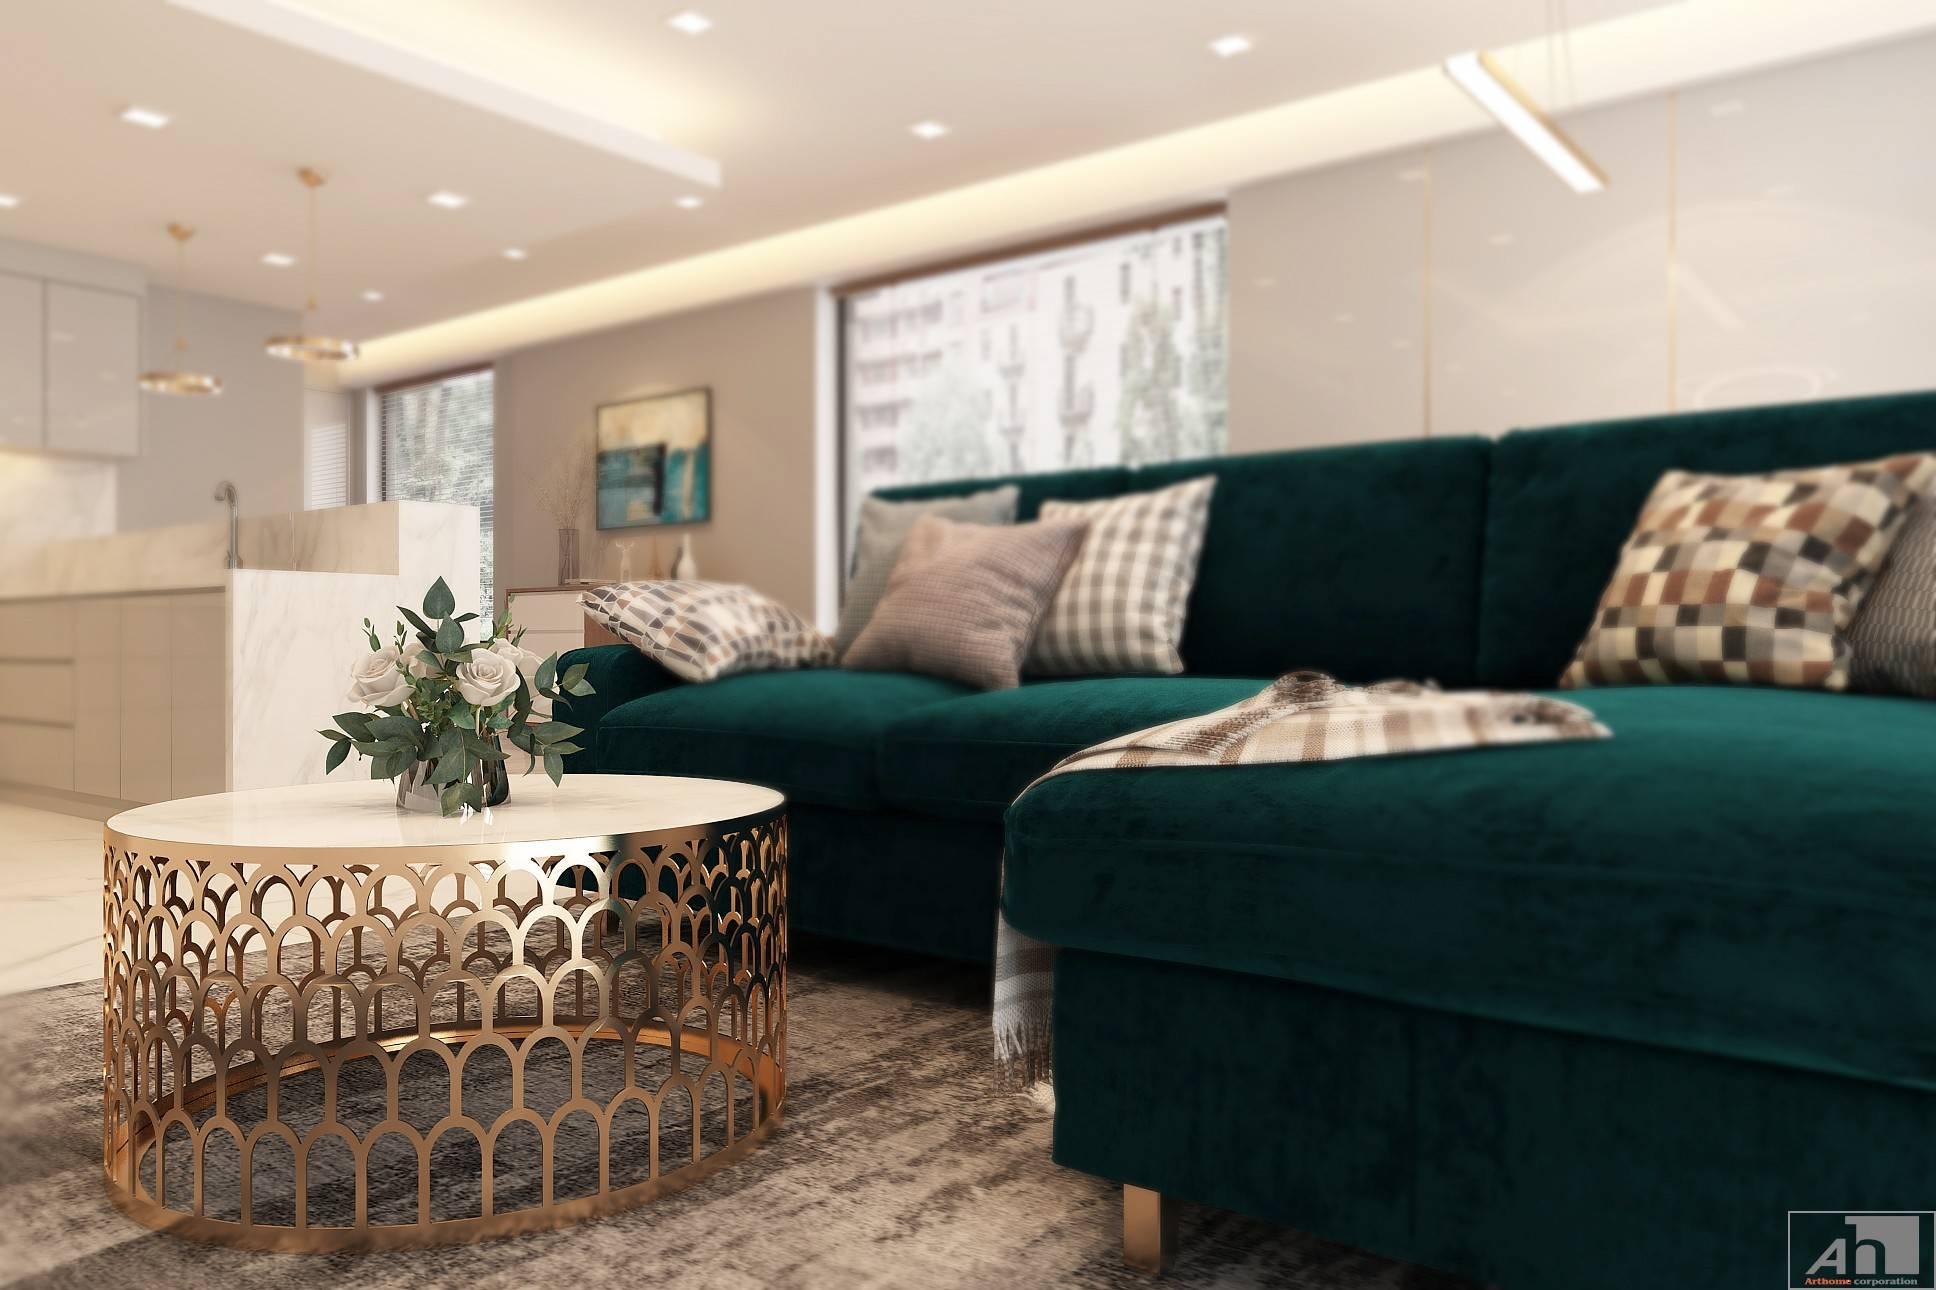 thiết kế nội thất căn hộ cao cấp 125m2